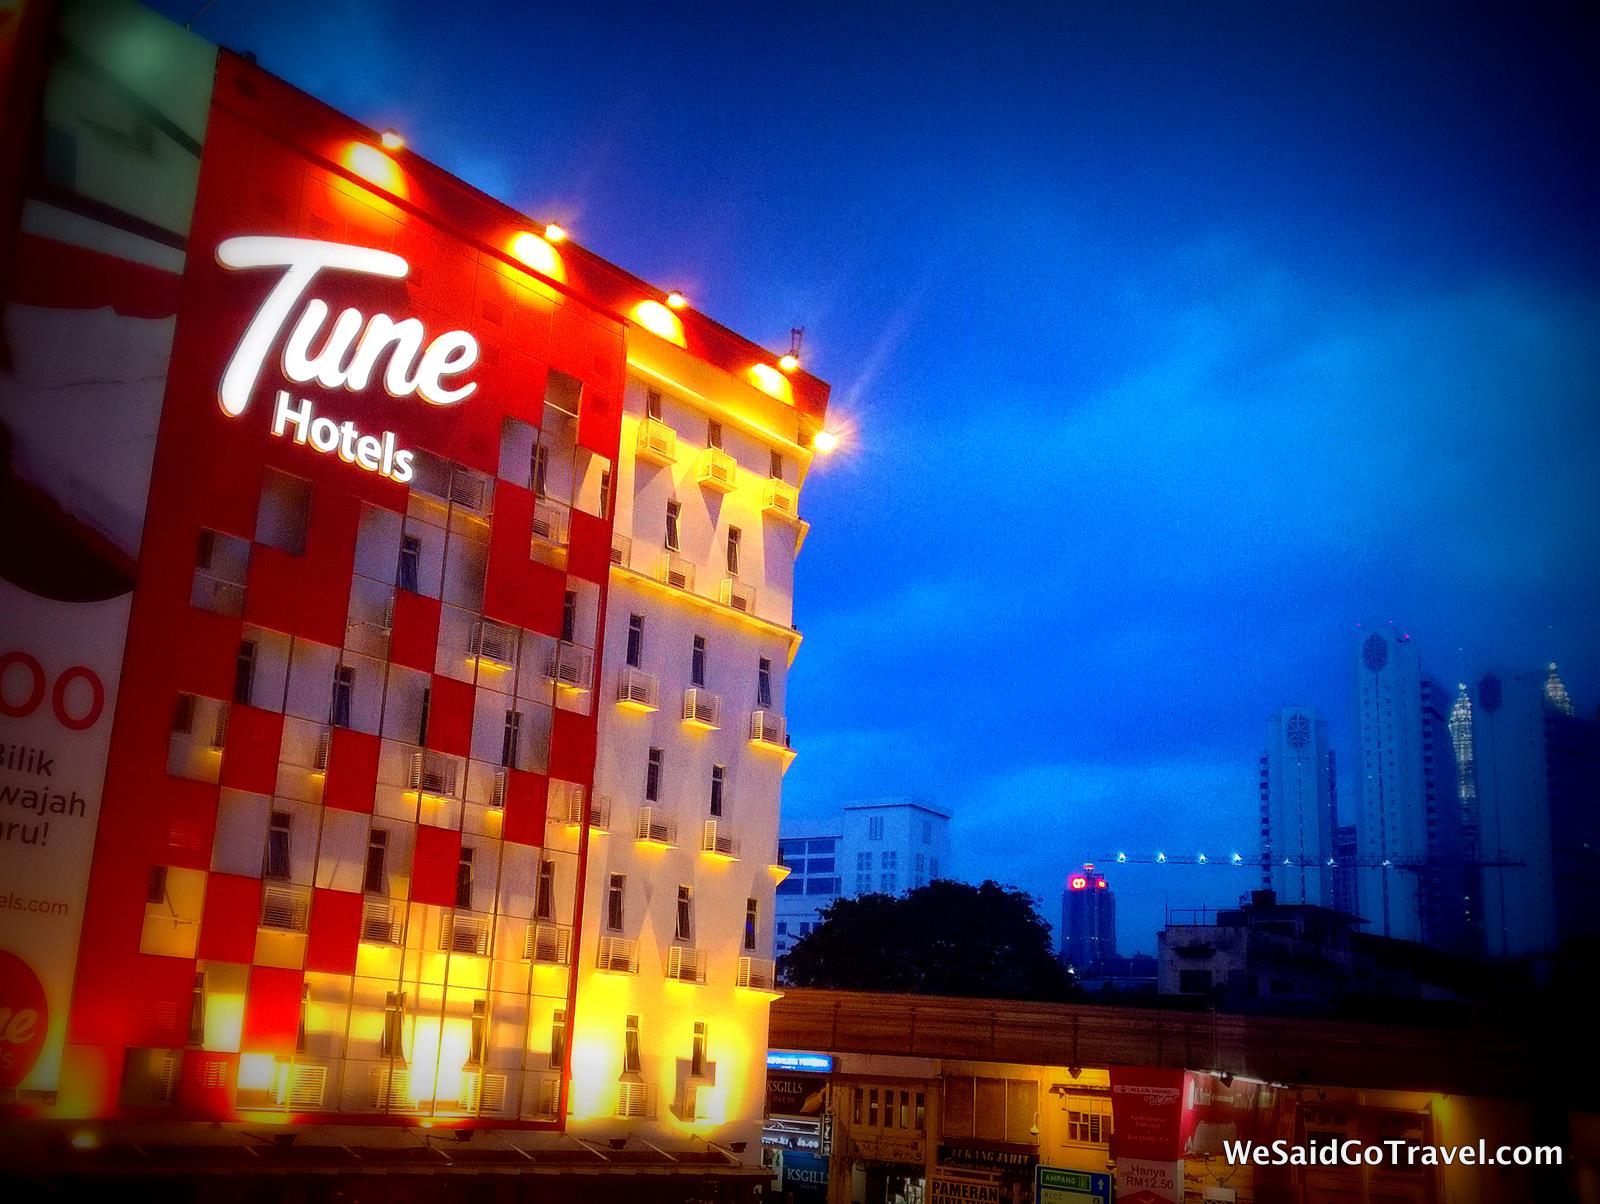 Tune Hotel, Kuala Lumpur